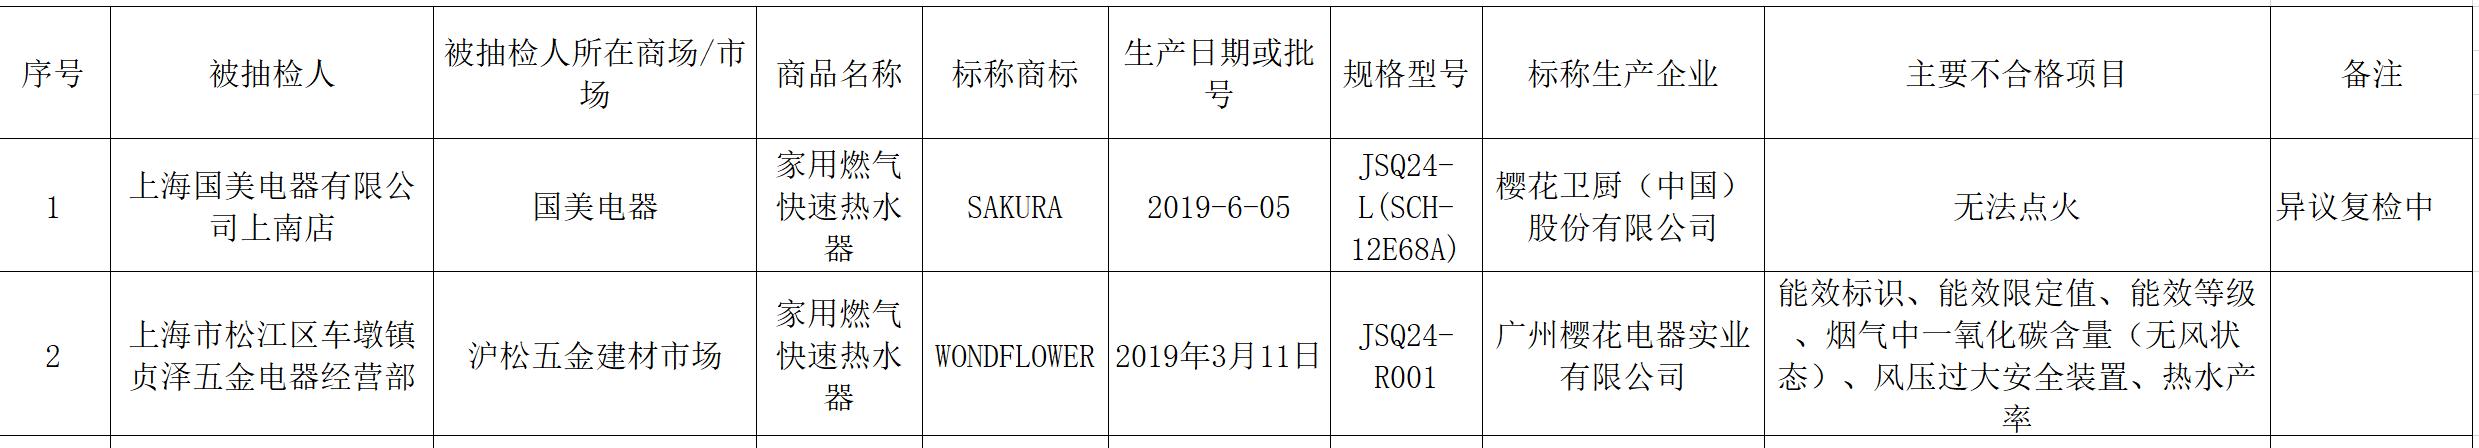 上海市市场监管局:2批次燃气热水器被检出不合格